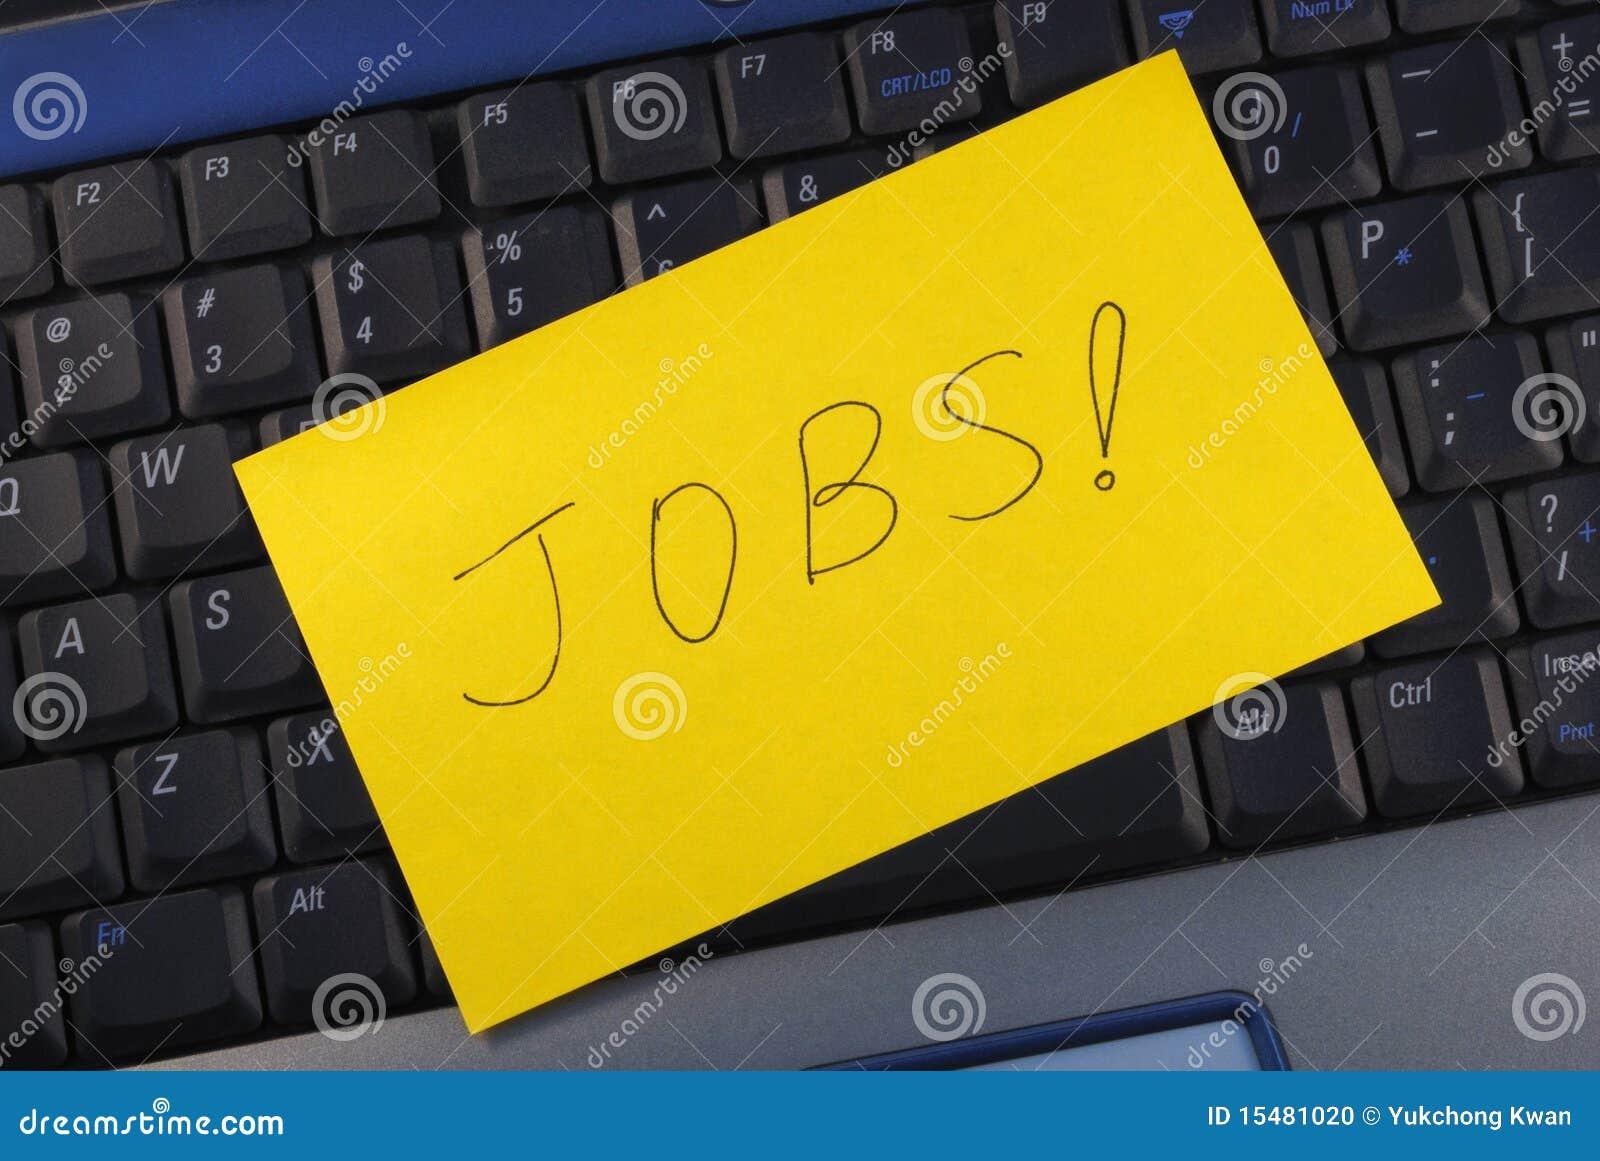 Nach einem Job online suchen